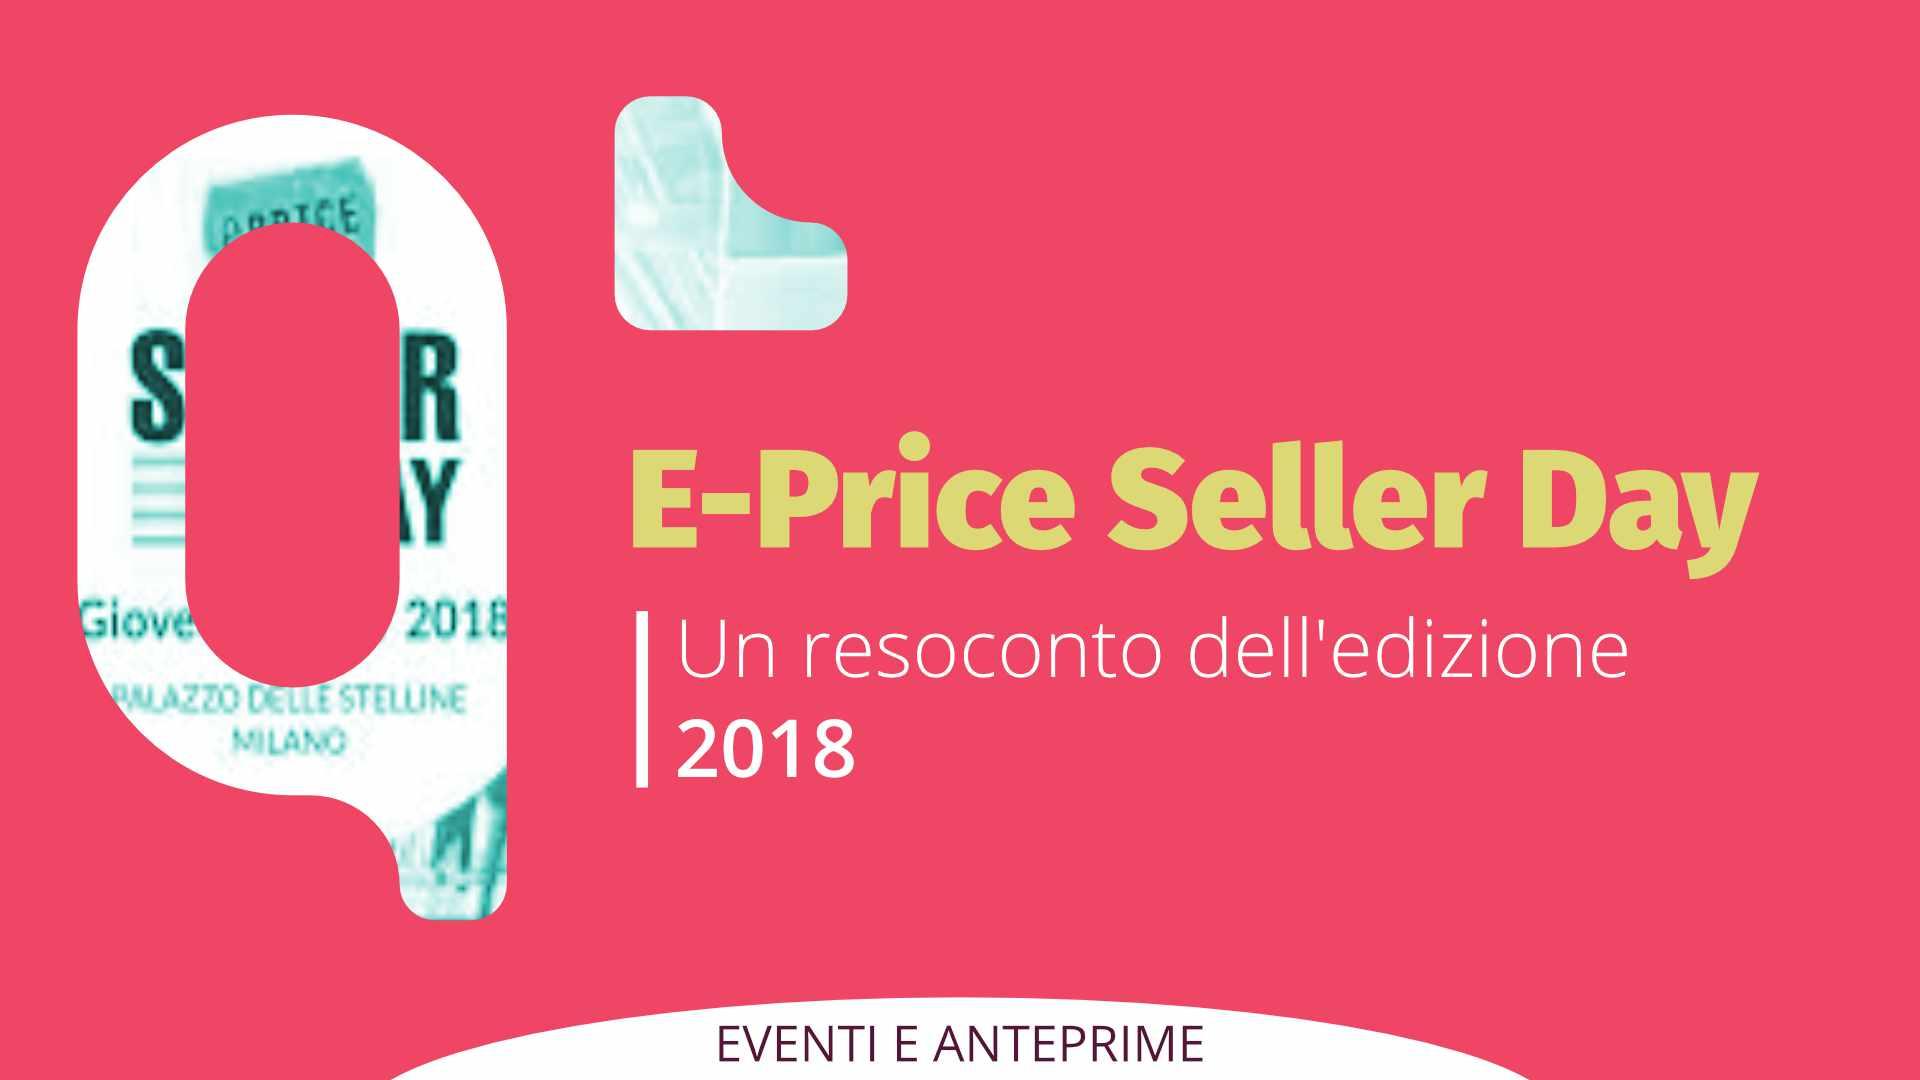 E-Price Seller Day 2018: un Resoconto